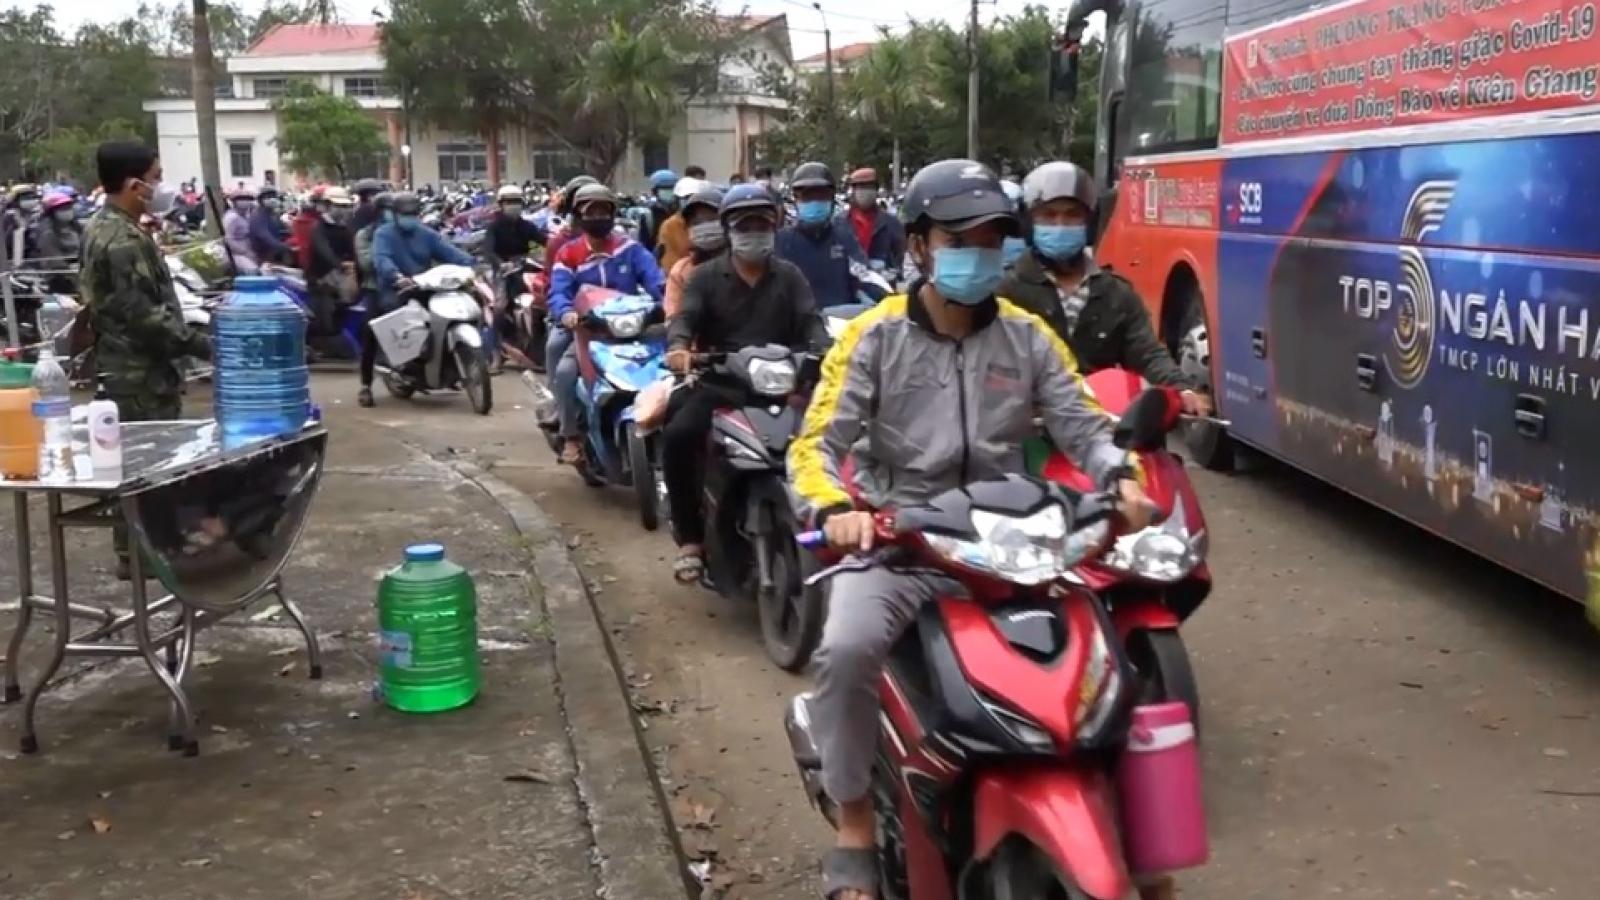 Công an Kiên Giang dẫn đường đưa gần 400 công dân về quê